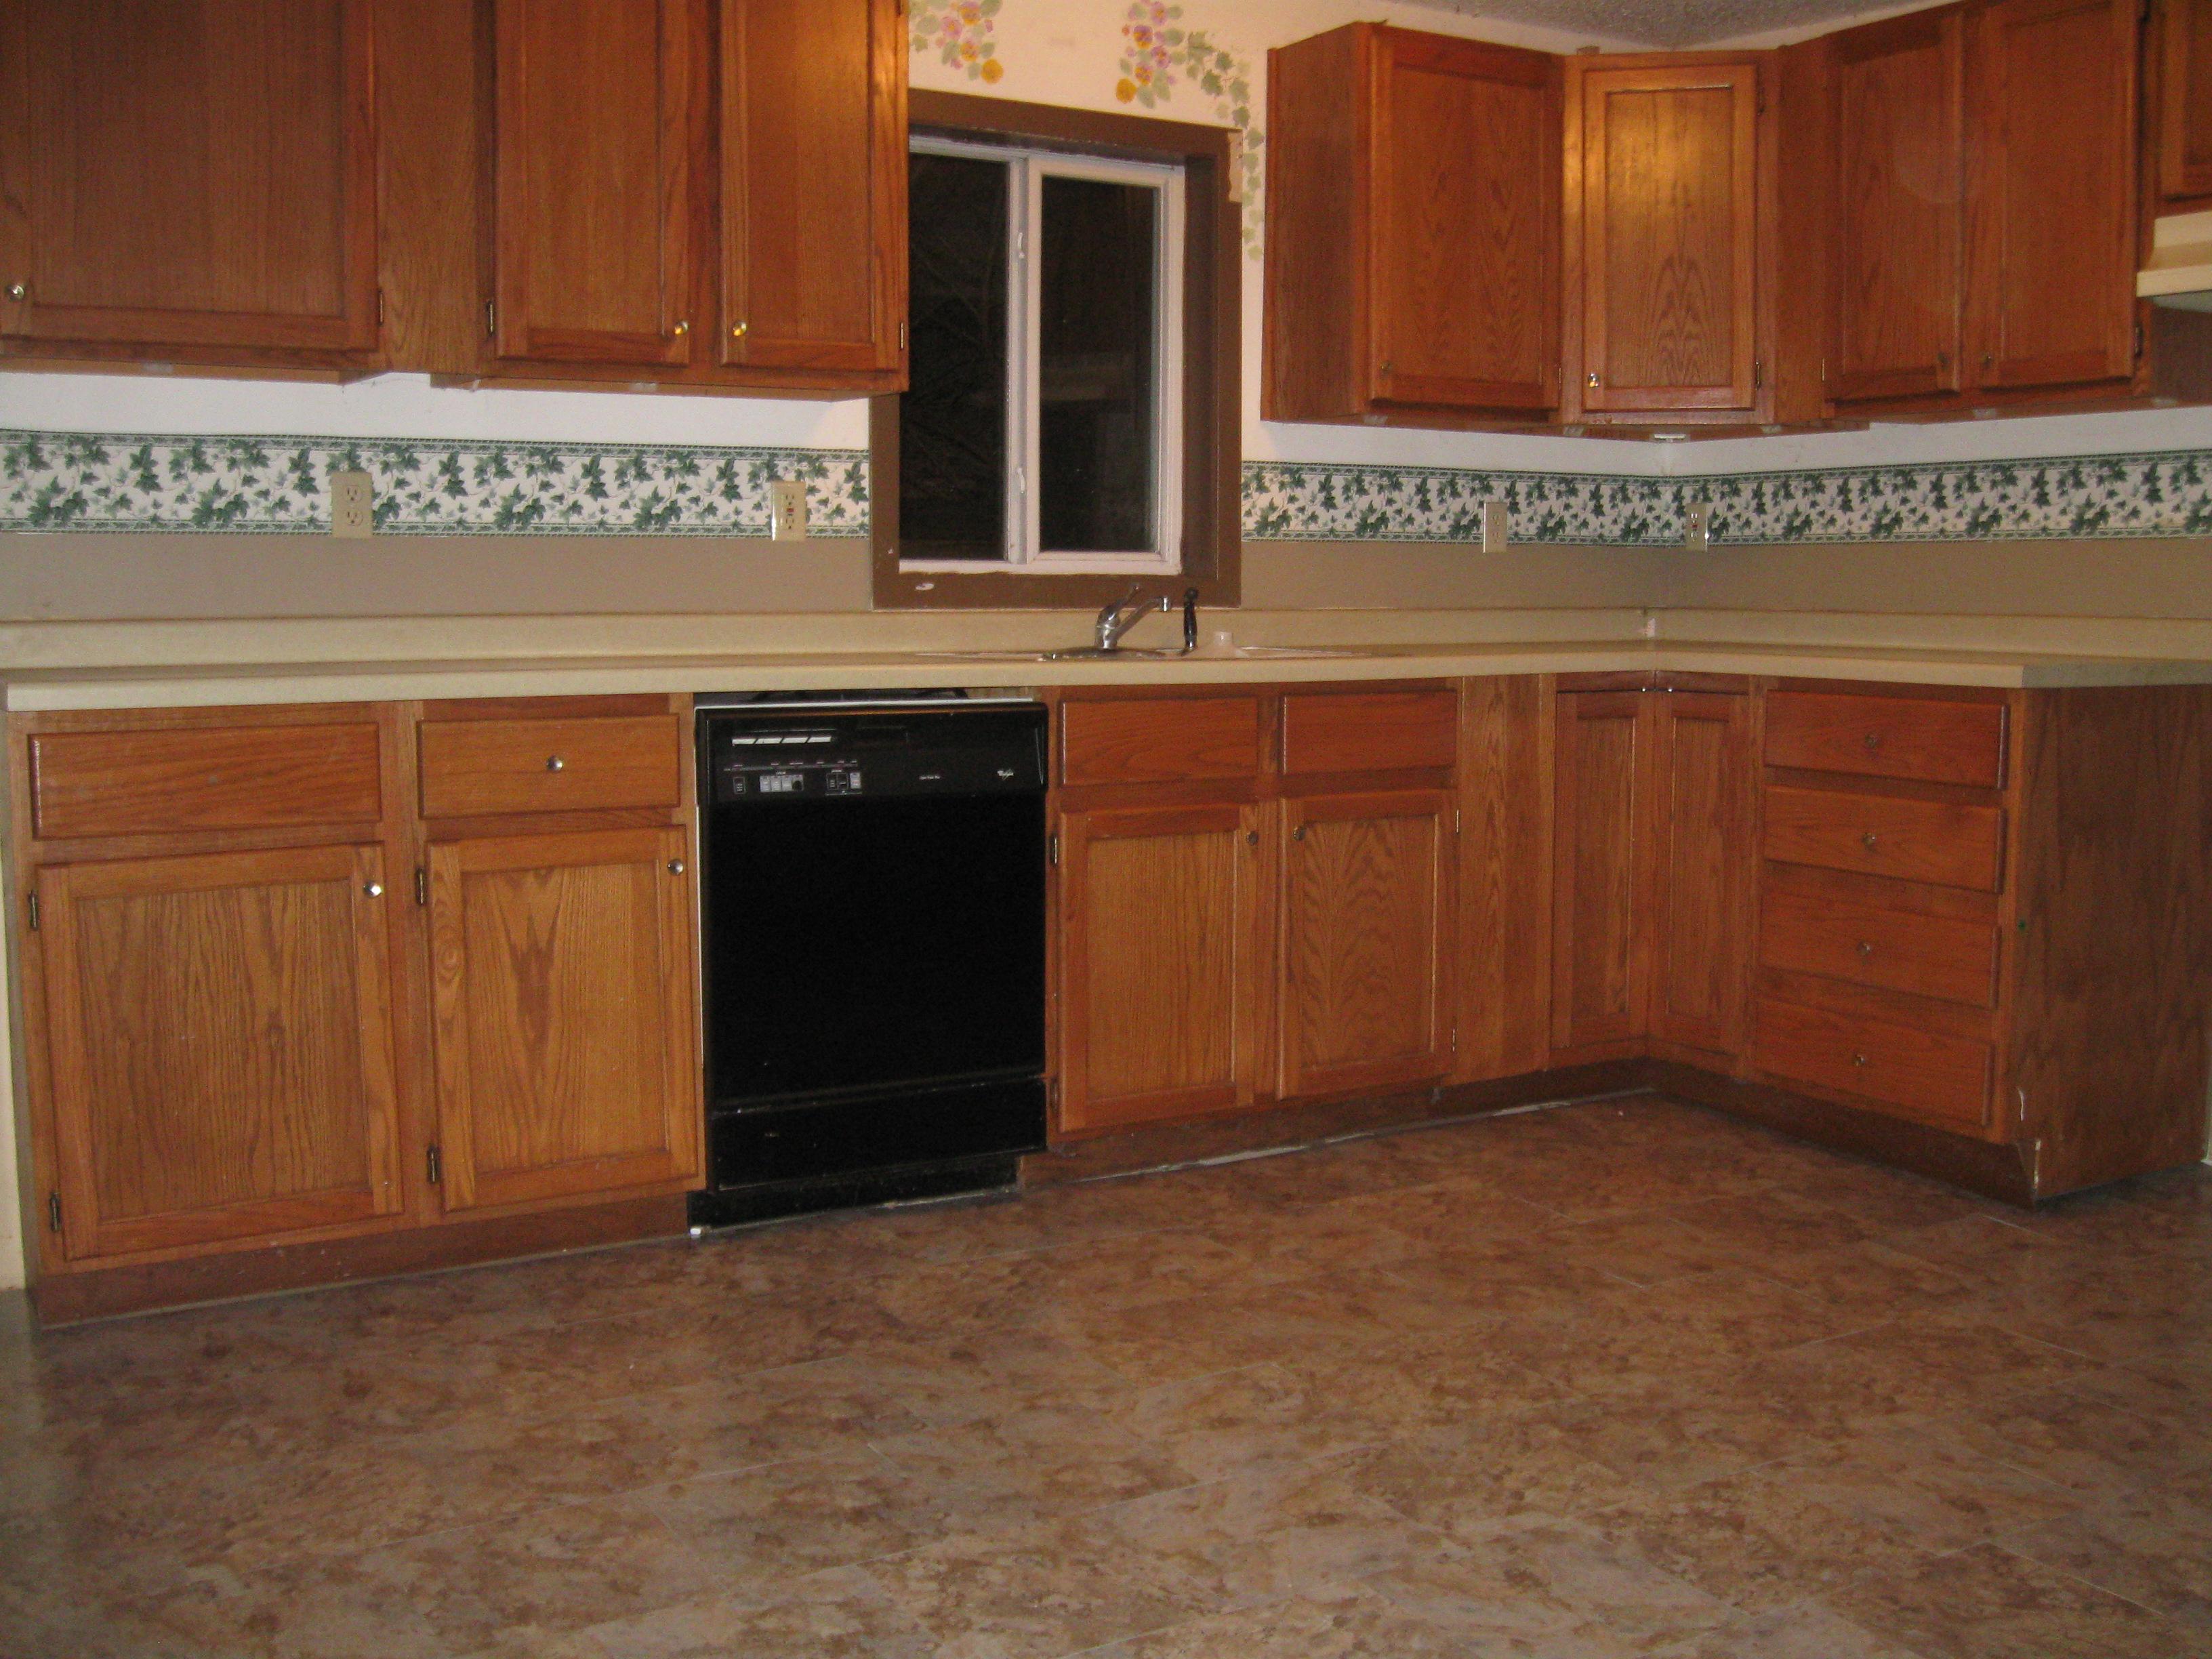 Dorable Mesa De La Cocina Craigslist Fotos - Como Decorar la Cocina ...